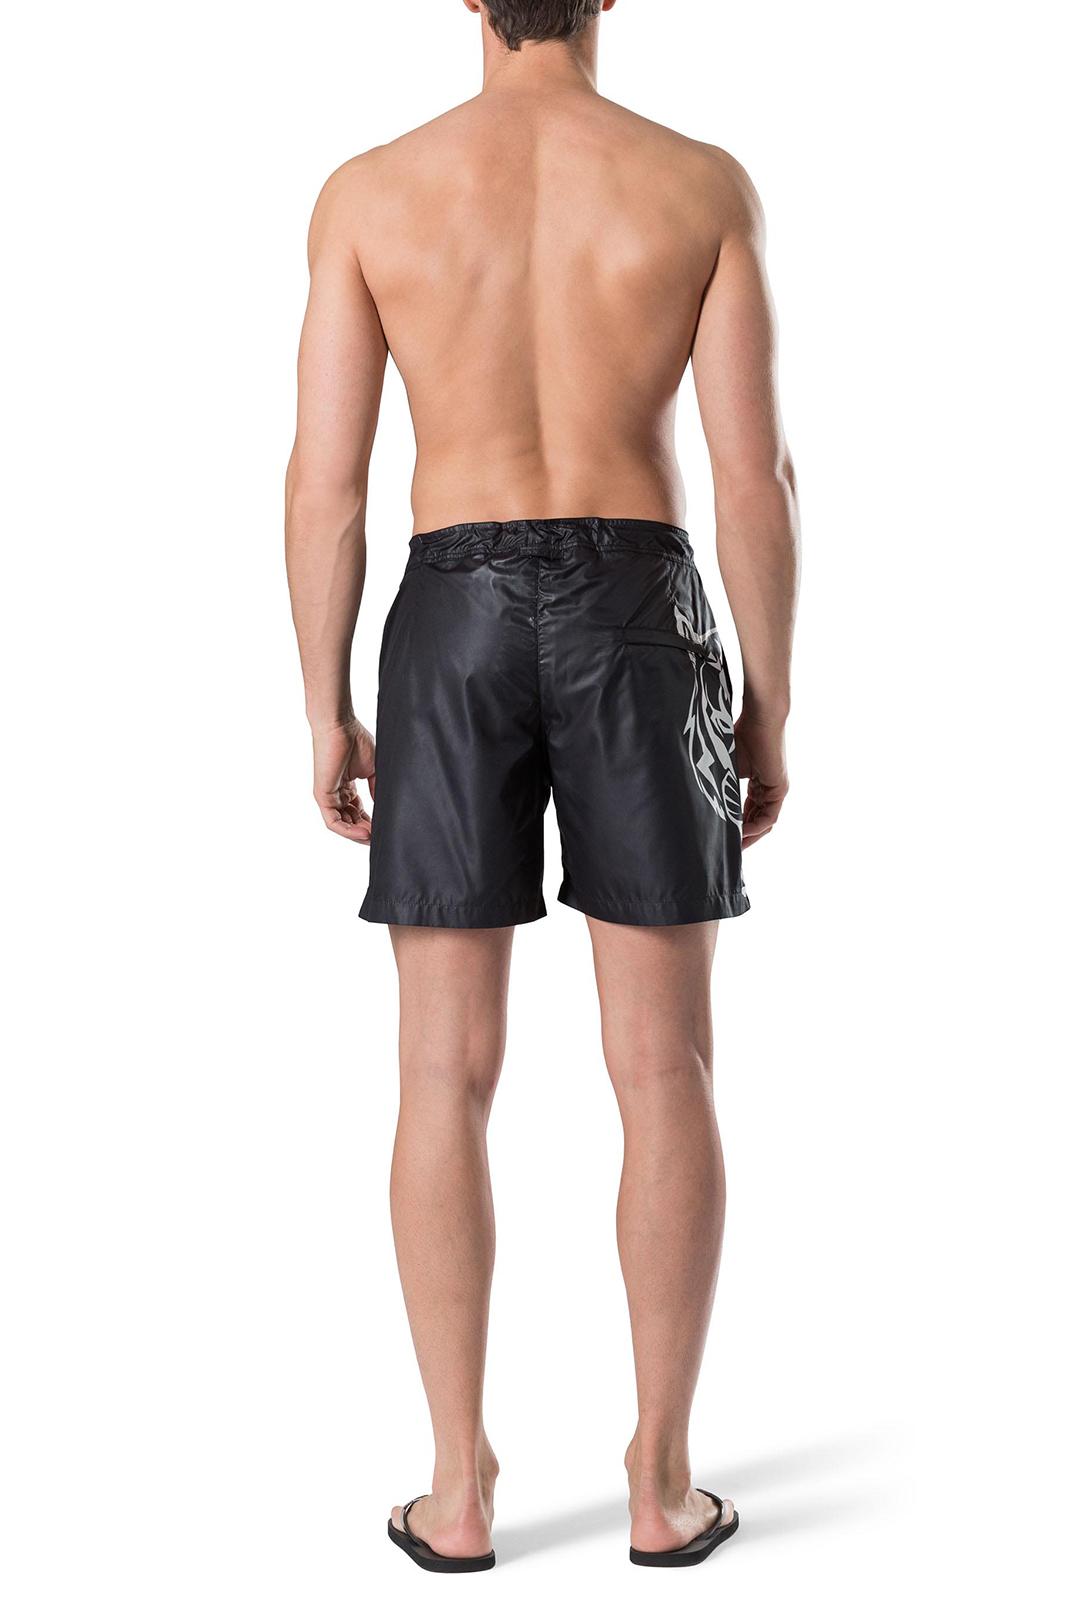 Shorts de bain  Plein Sport P17C MMT0033 02 BLACK